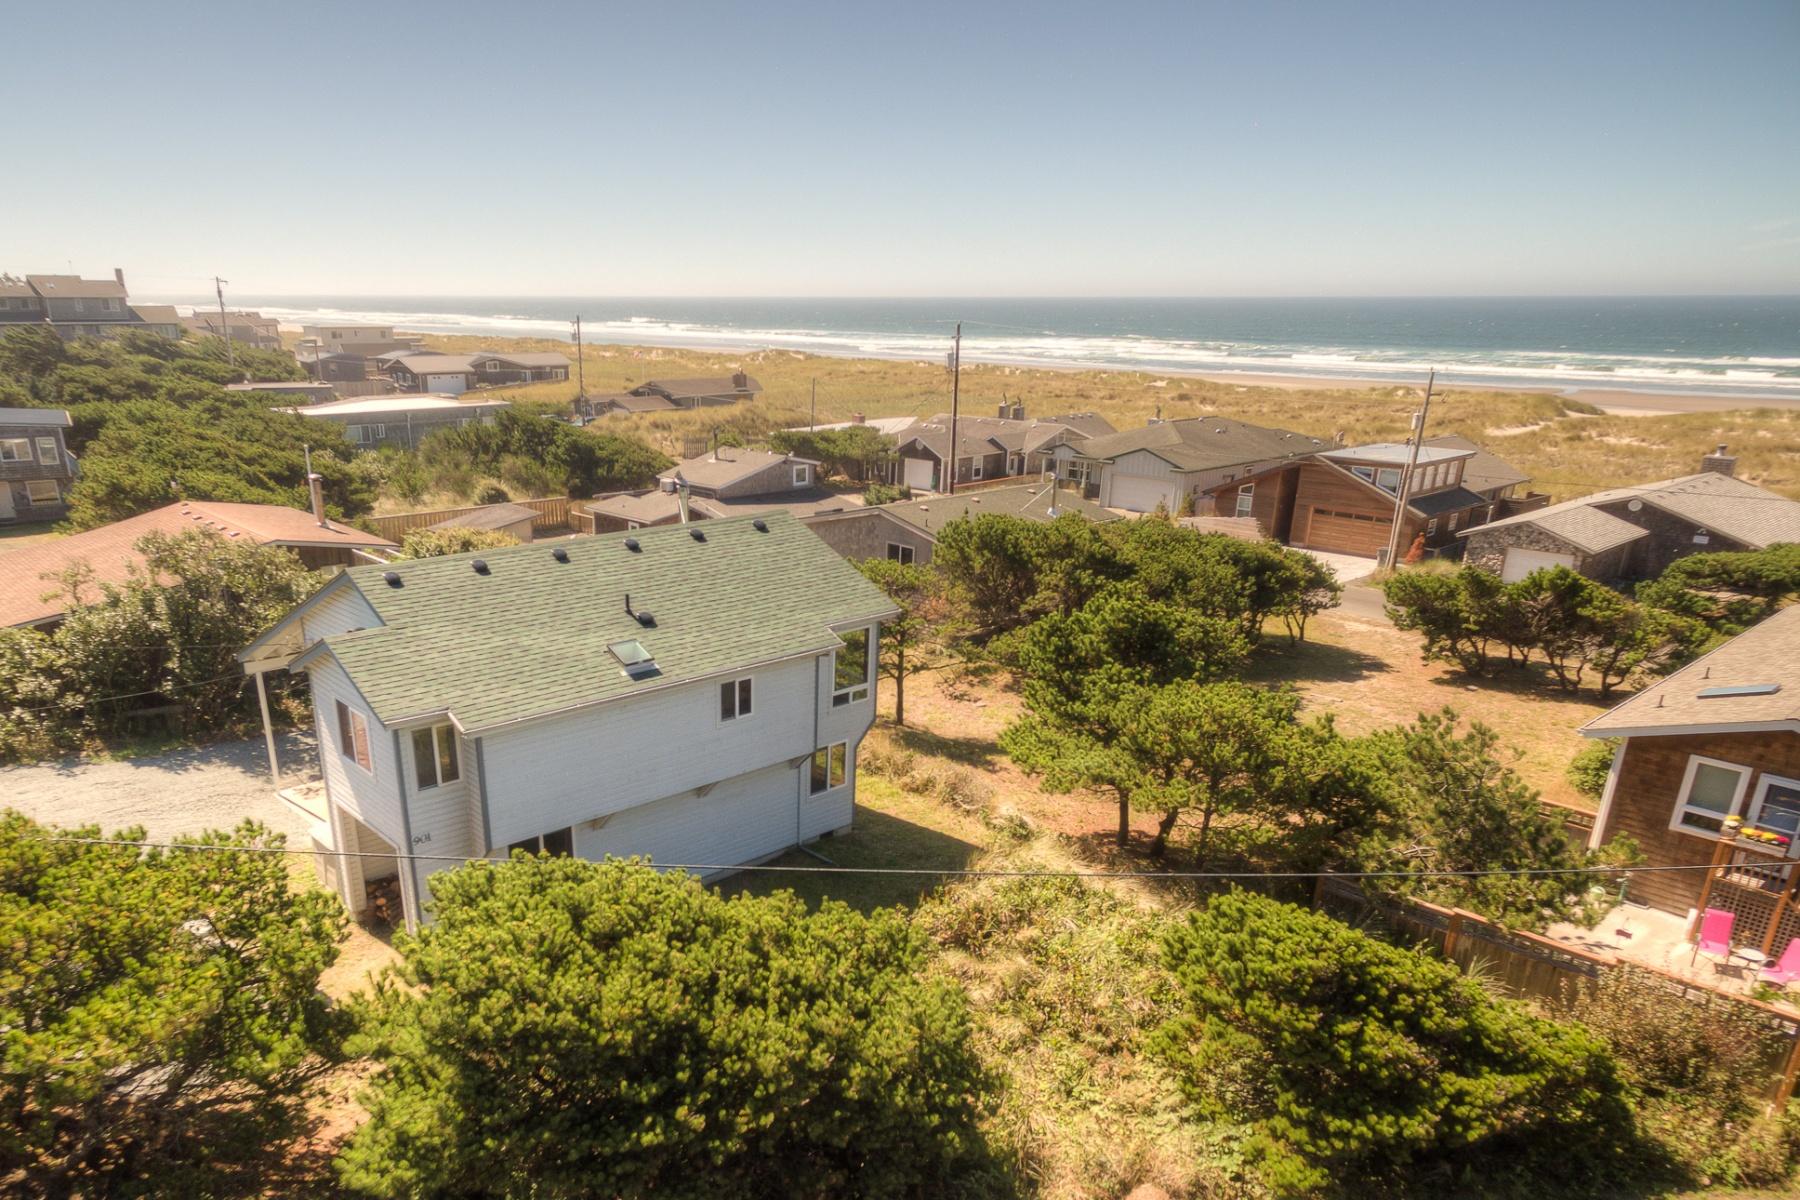 Land für Verkauf beim S Beach ST, MANZANITA Manzanita, Oregon, 97130 Vereinigte Staaten